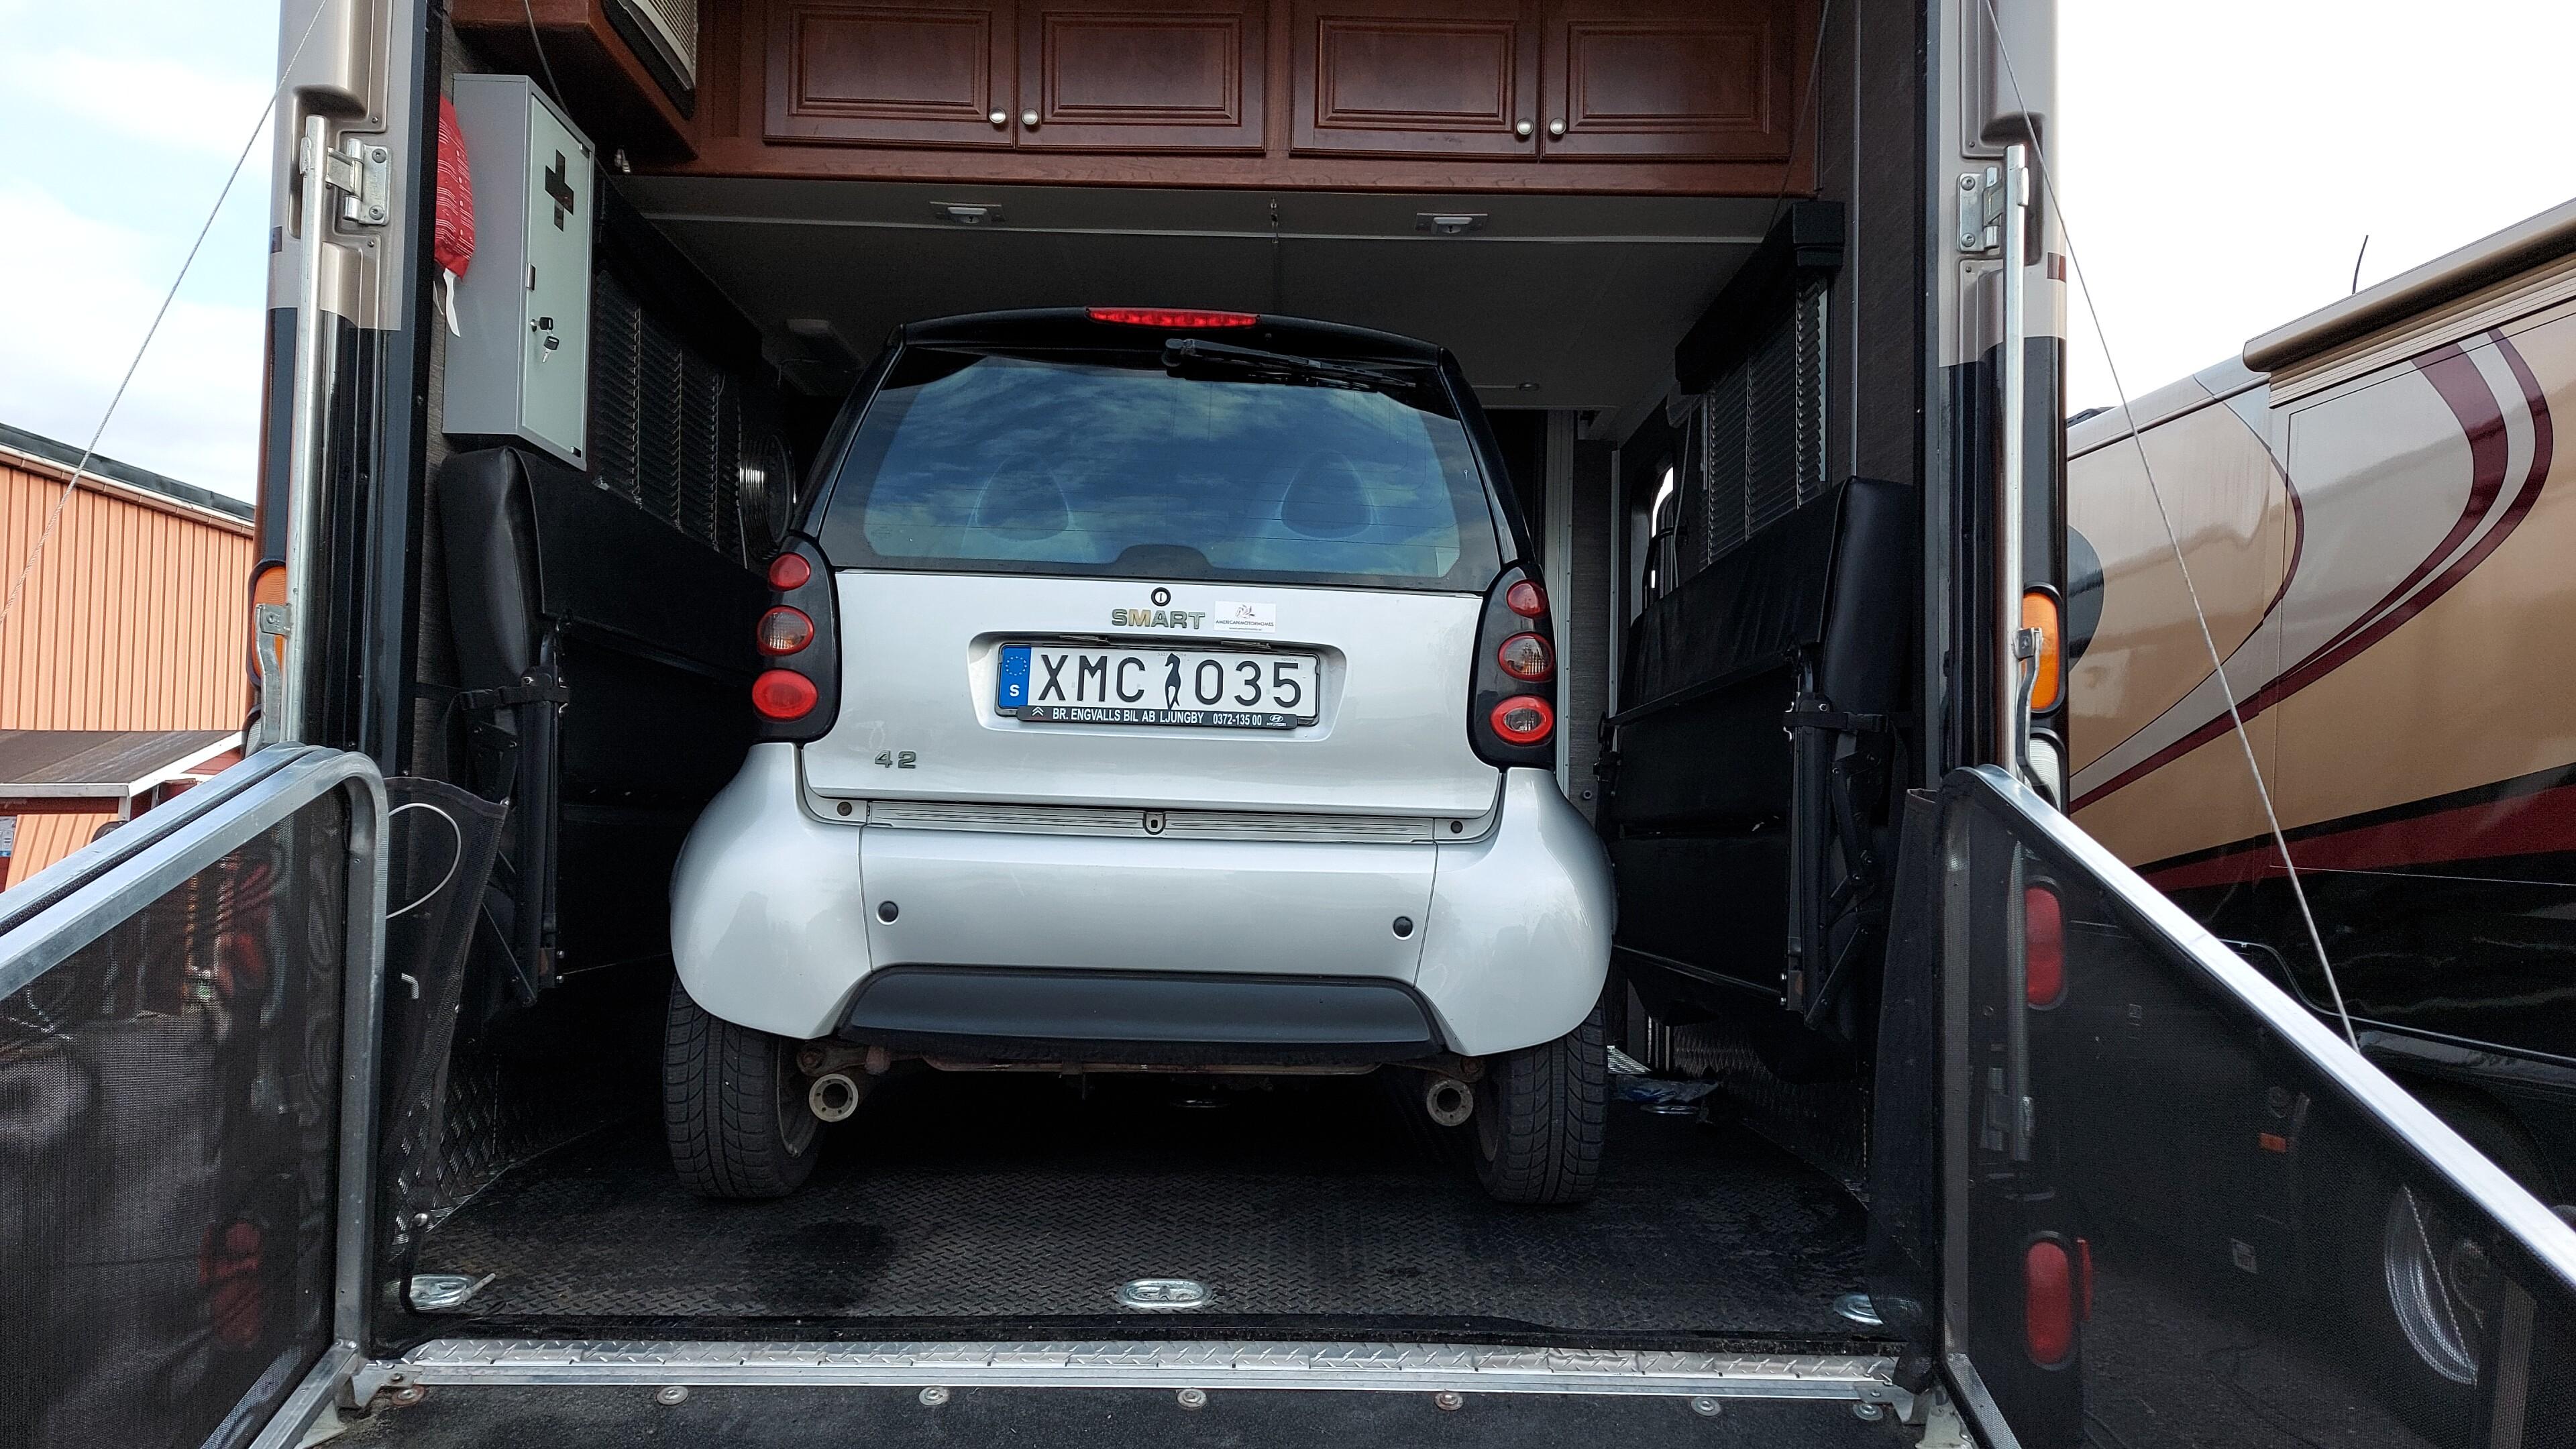 Smart parkerad i Garaget.